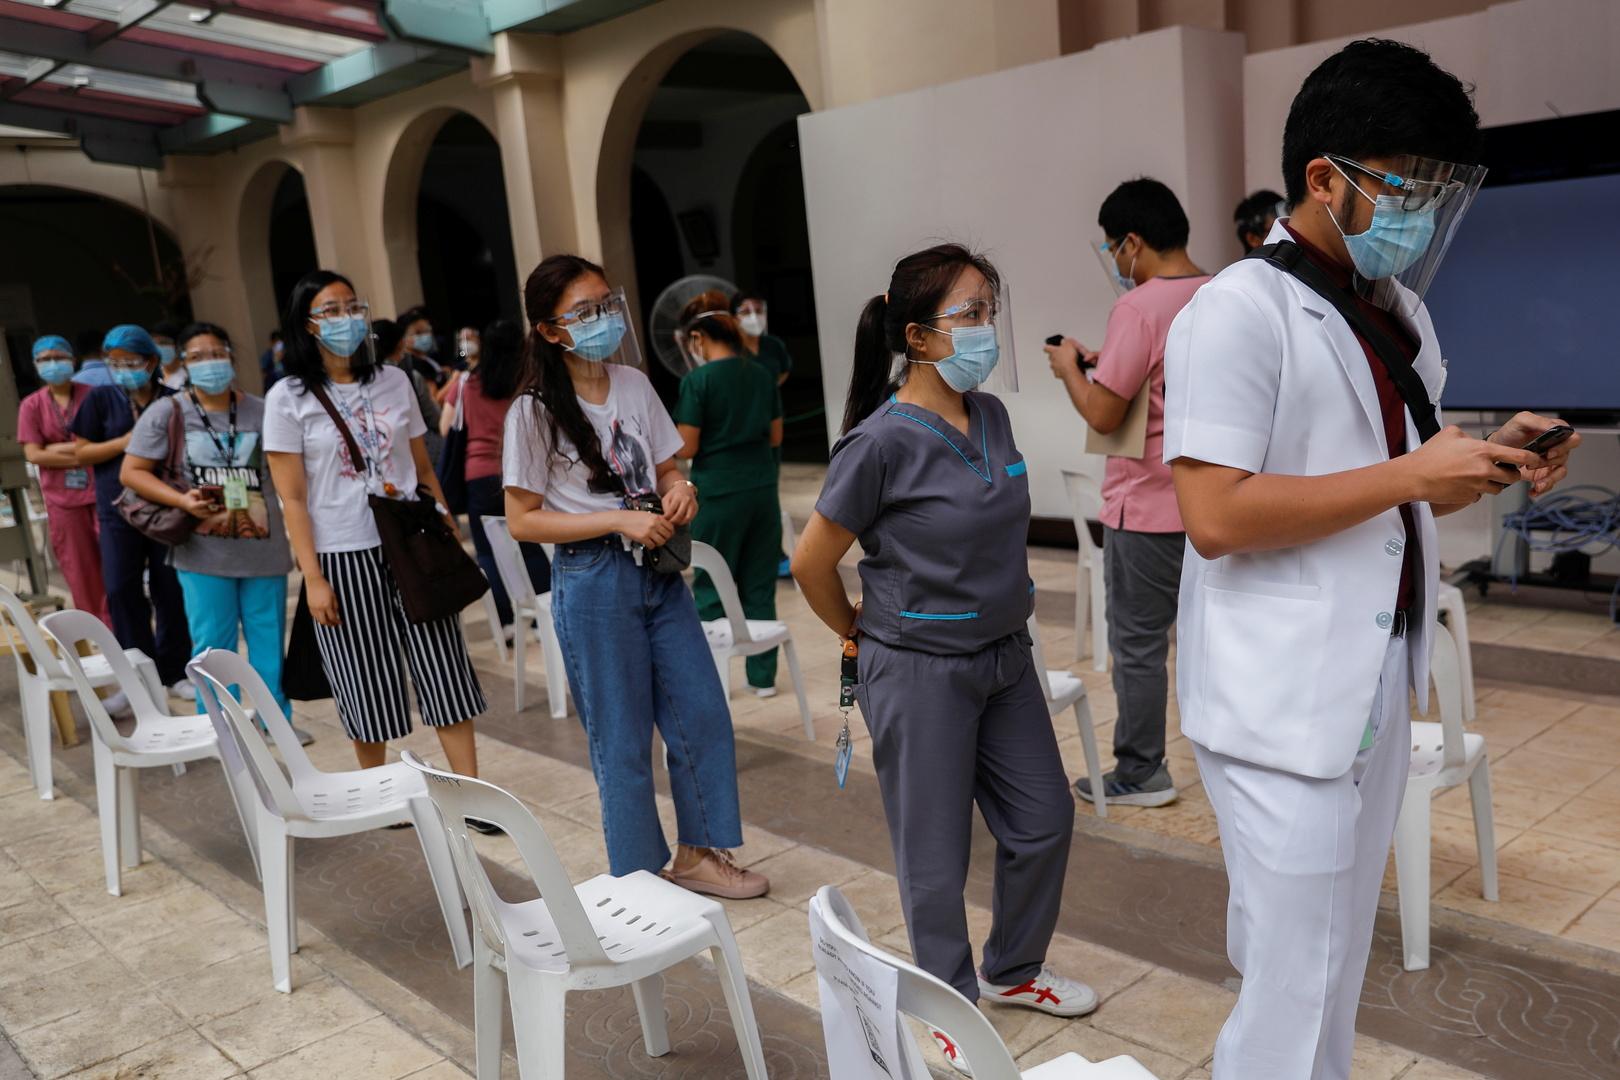 الفلبين.. تمديد الإغلاق في العاصمة والمحافظات المجاورة لمدة أسبوع لاحتواء كورونا